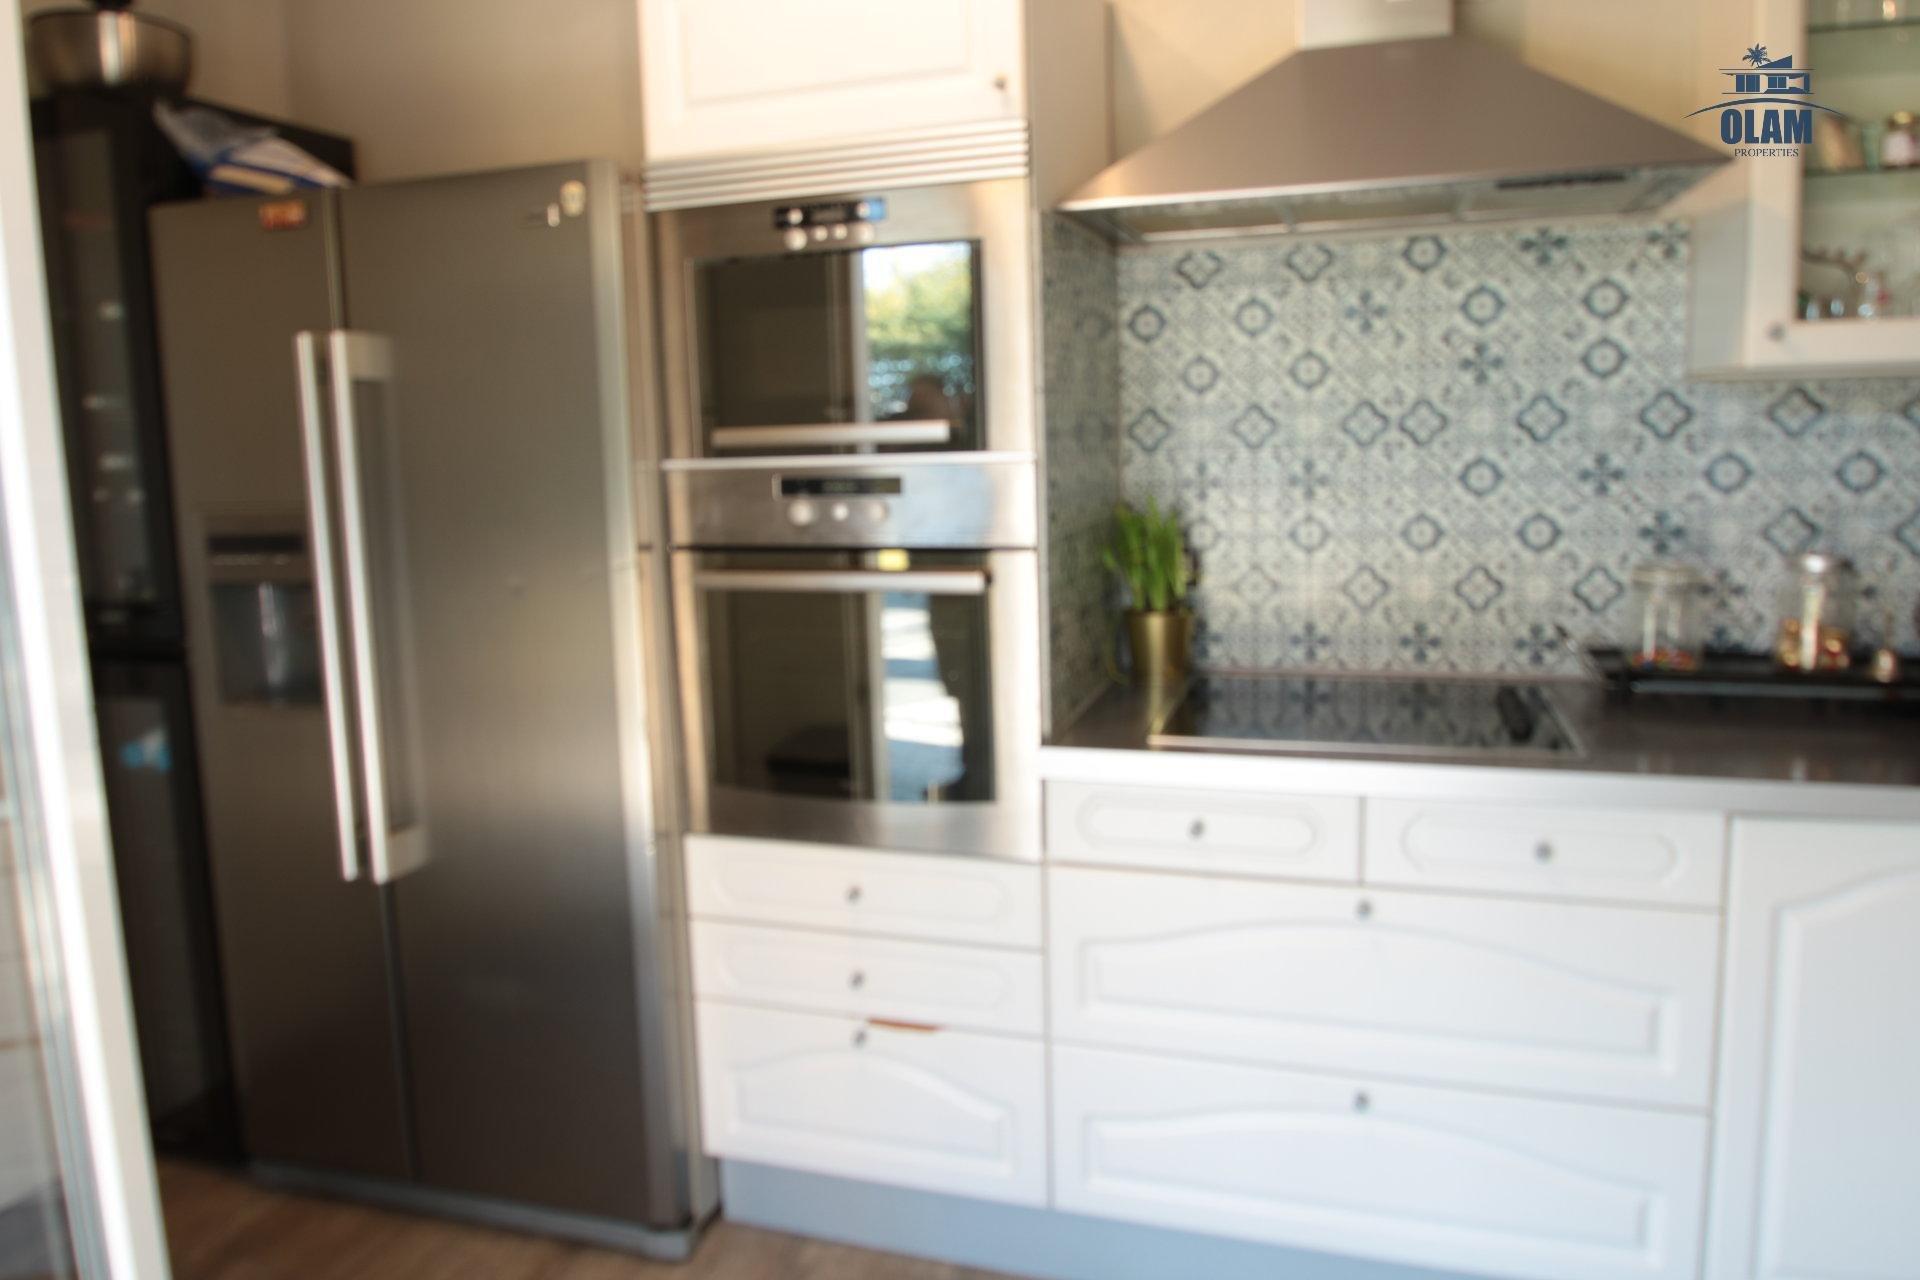 Cuisine, frigo américain, four, Cannes, Villa, Croisette, Côte d'Azur